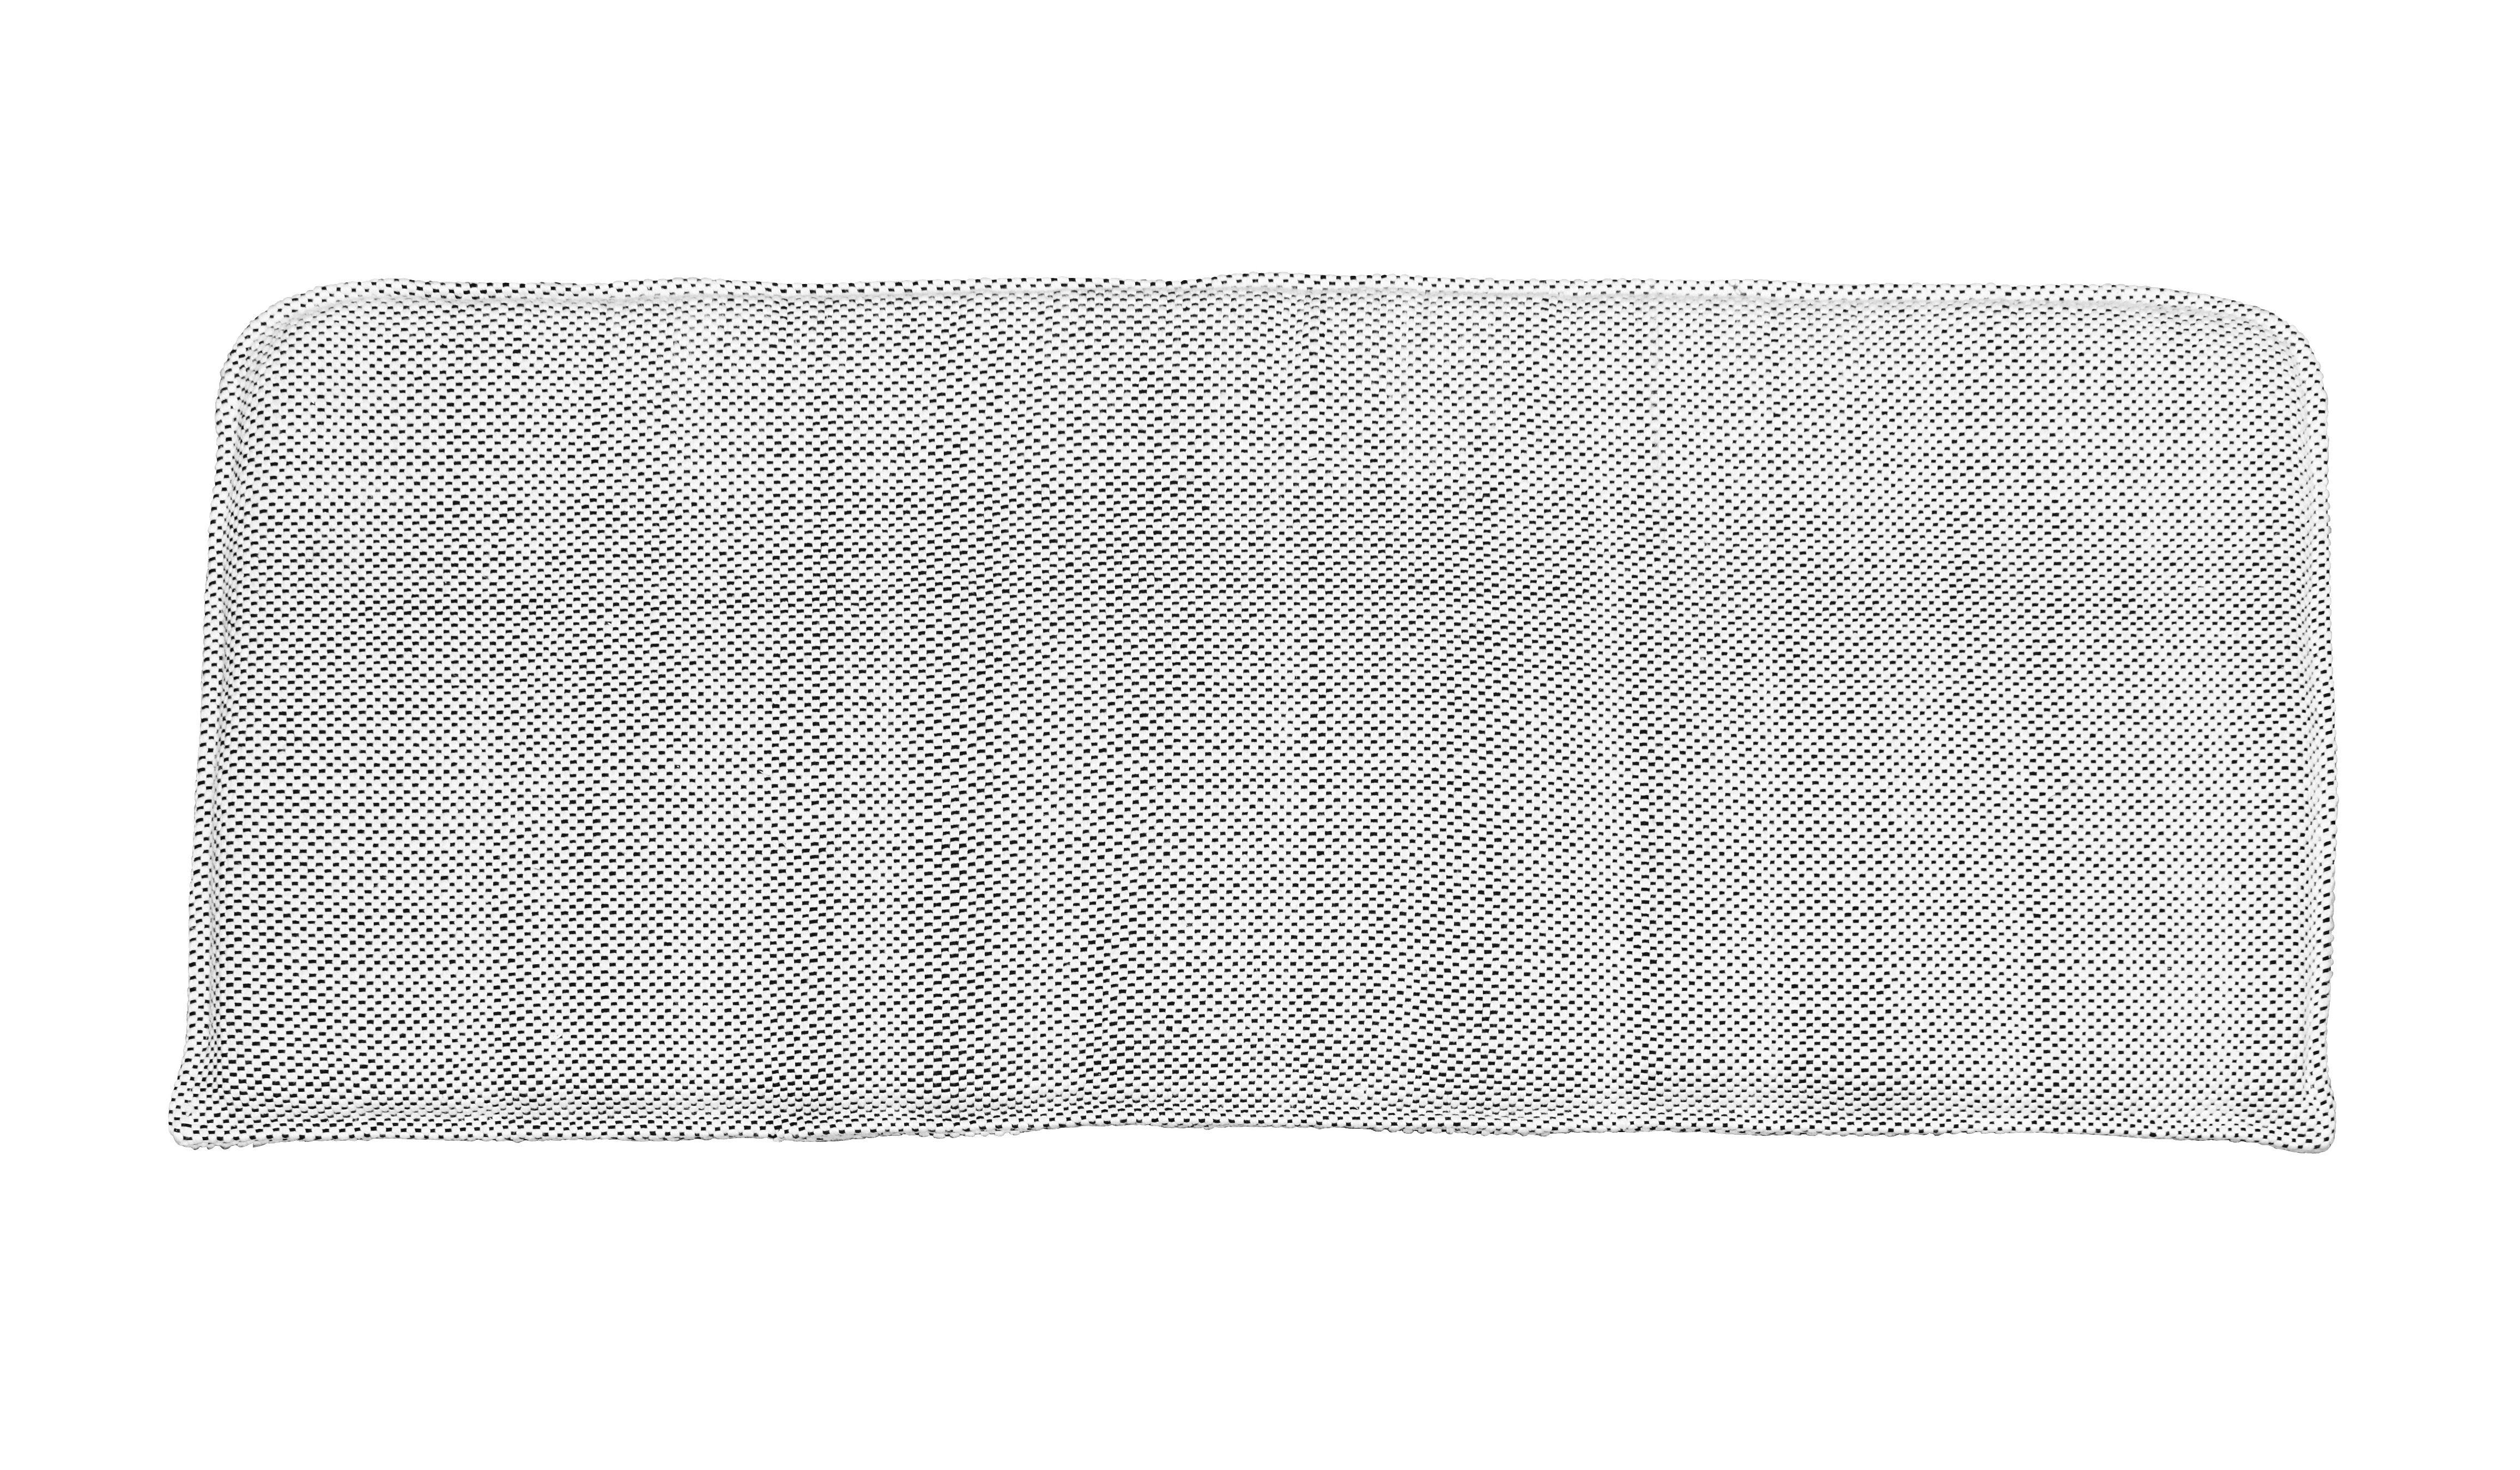 Mobilier - Canapés - Accessoire canapé / Coussin assise pour banquette Cuun - House Doctor - Coussin / Blanc & noir - Coton, Mousse polyuréthane, Viscose